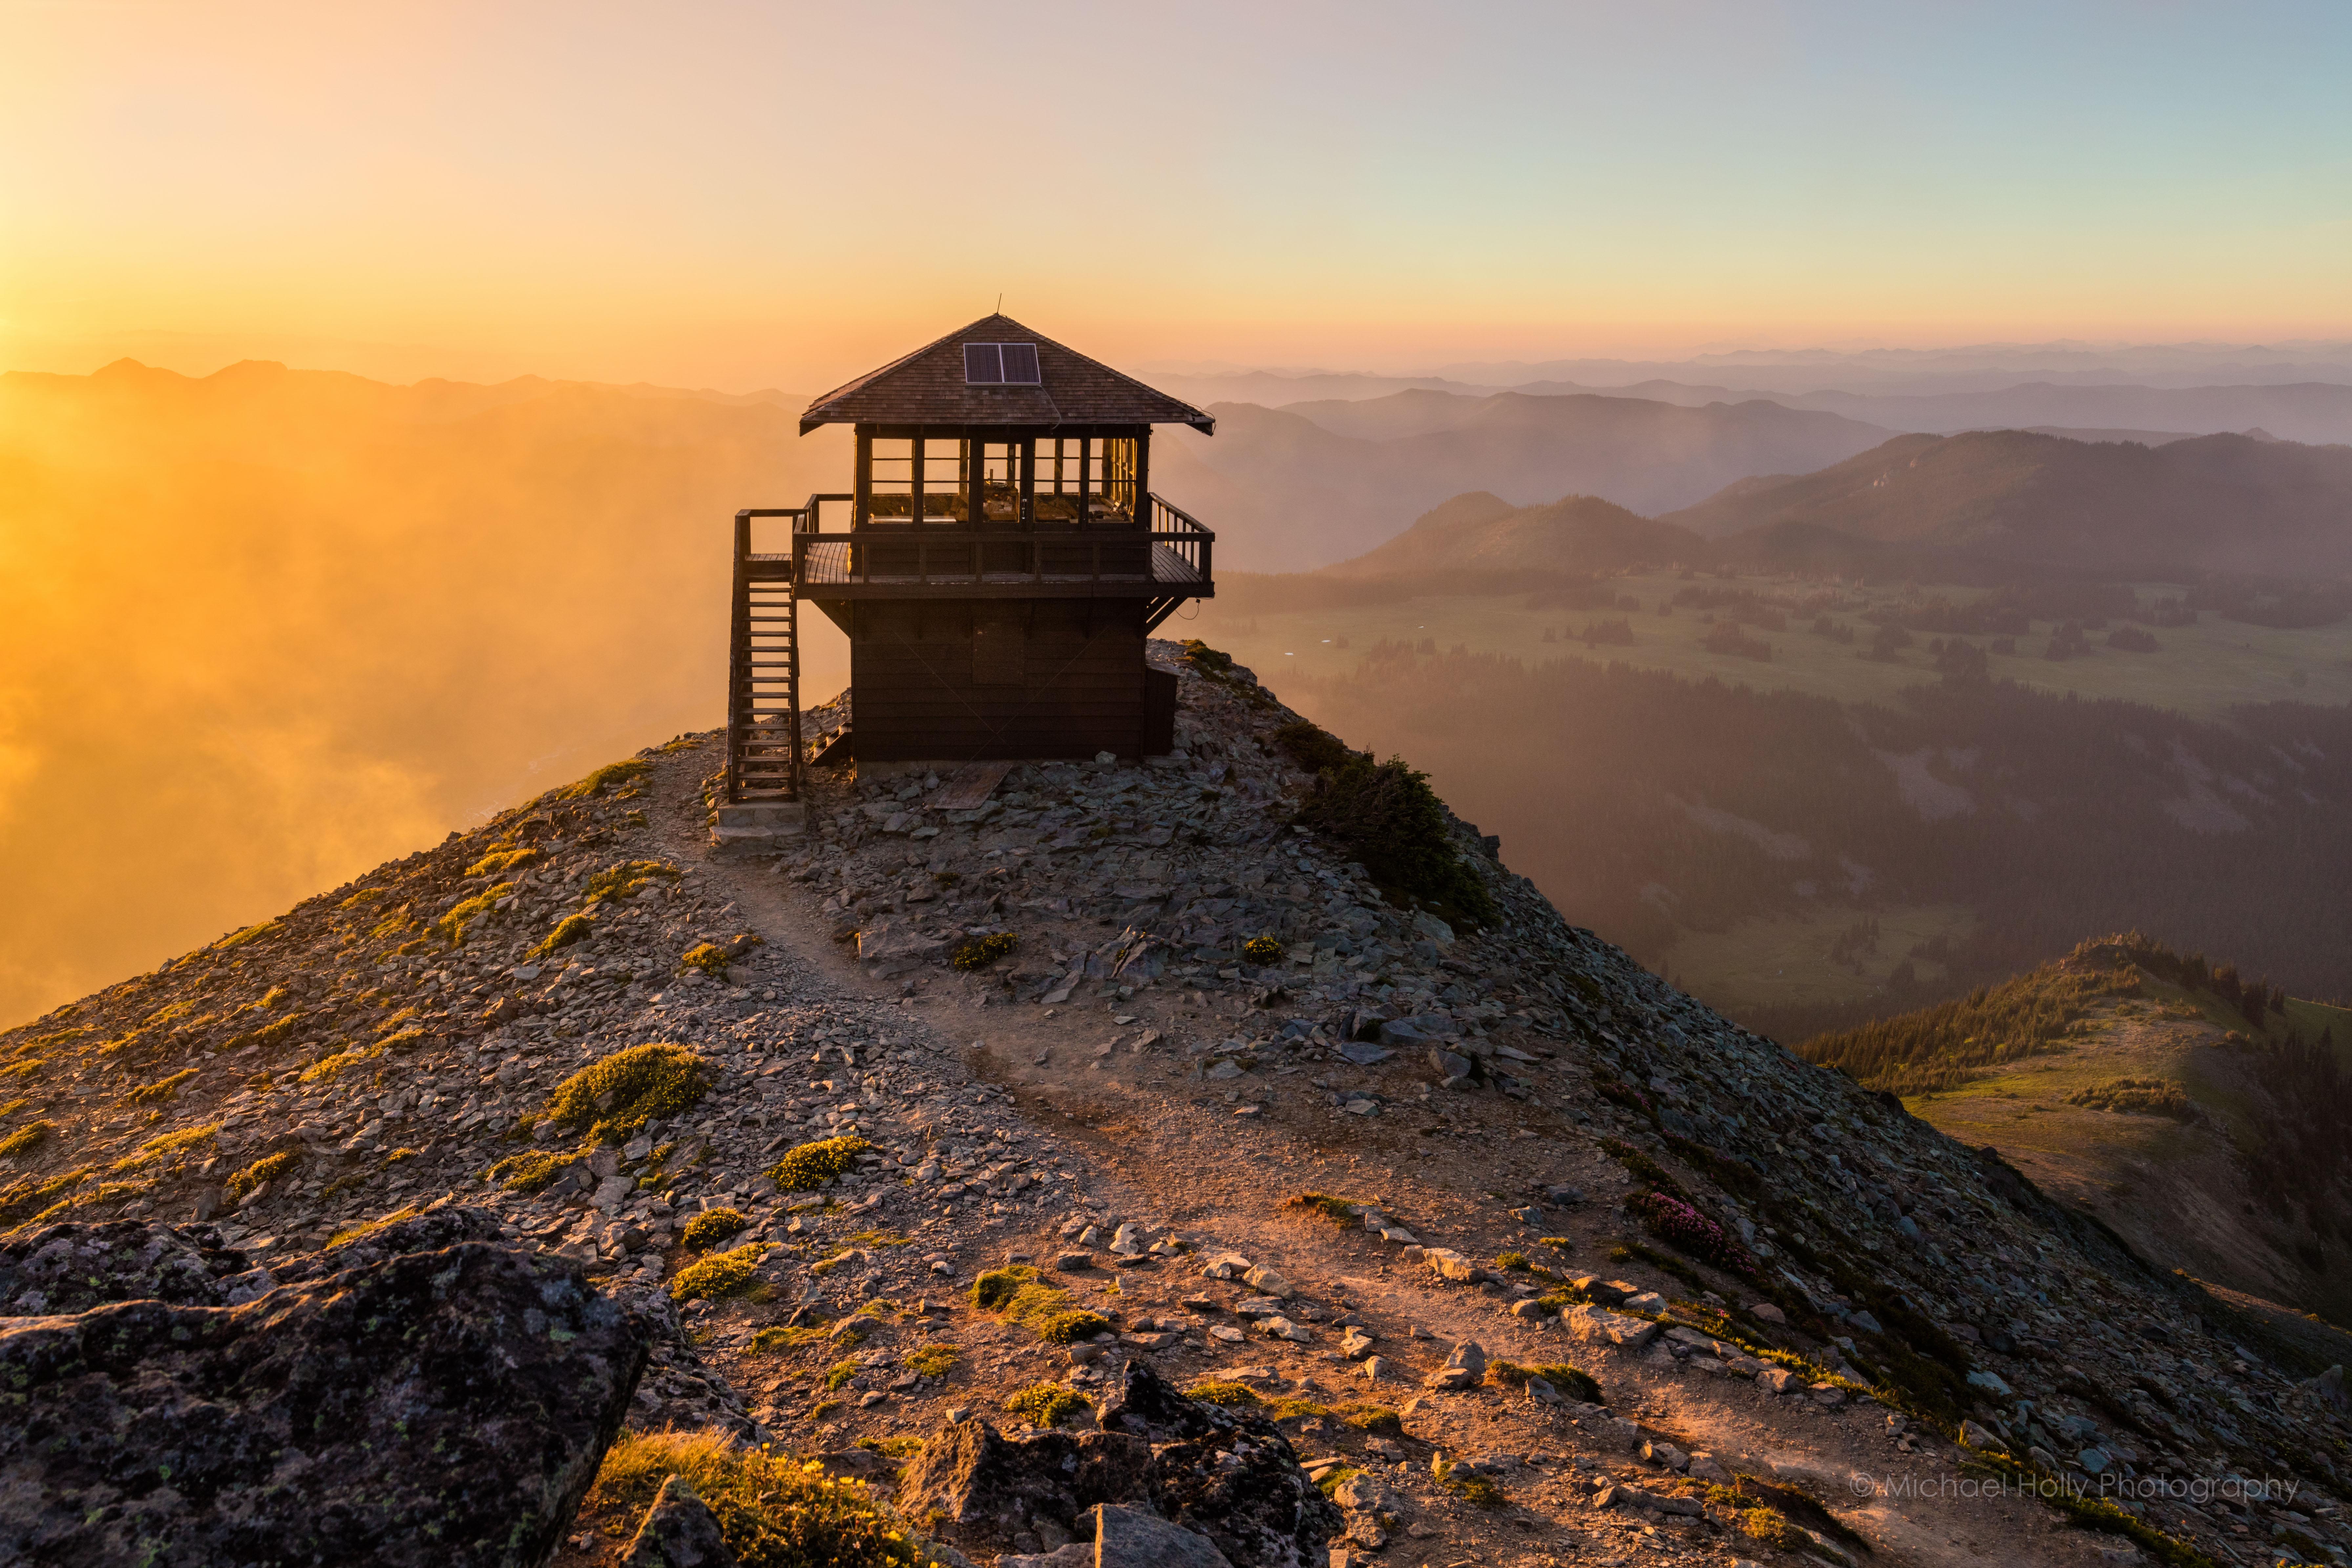 Mount Rainier Fremont Lookout Trail